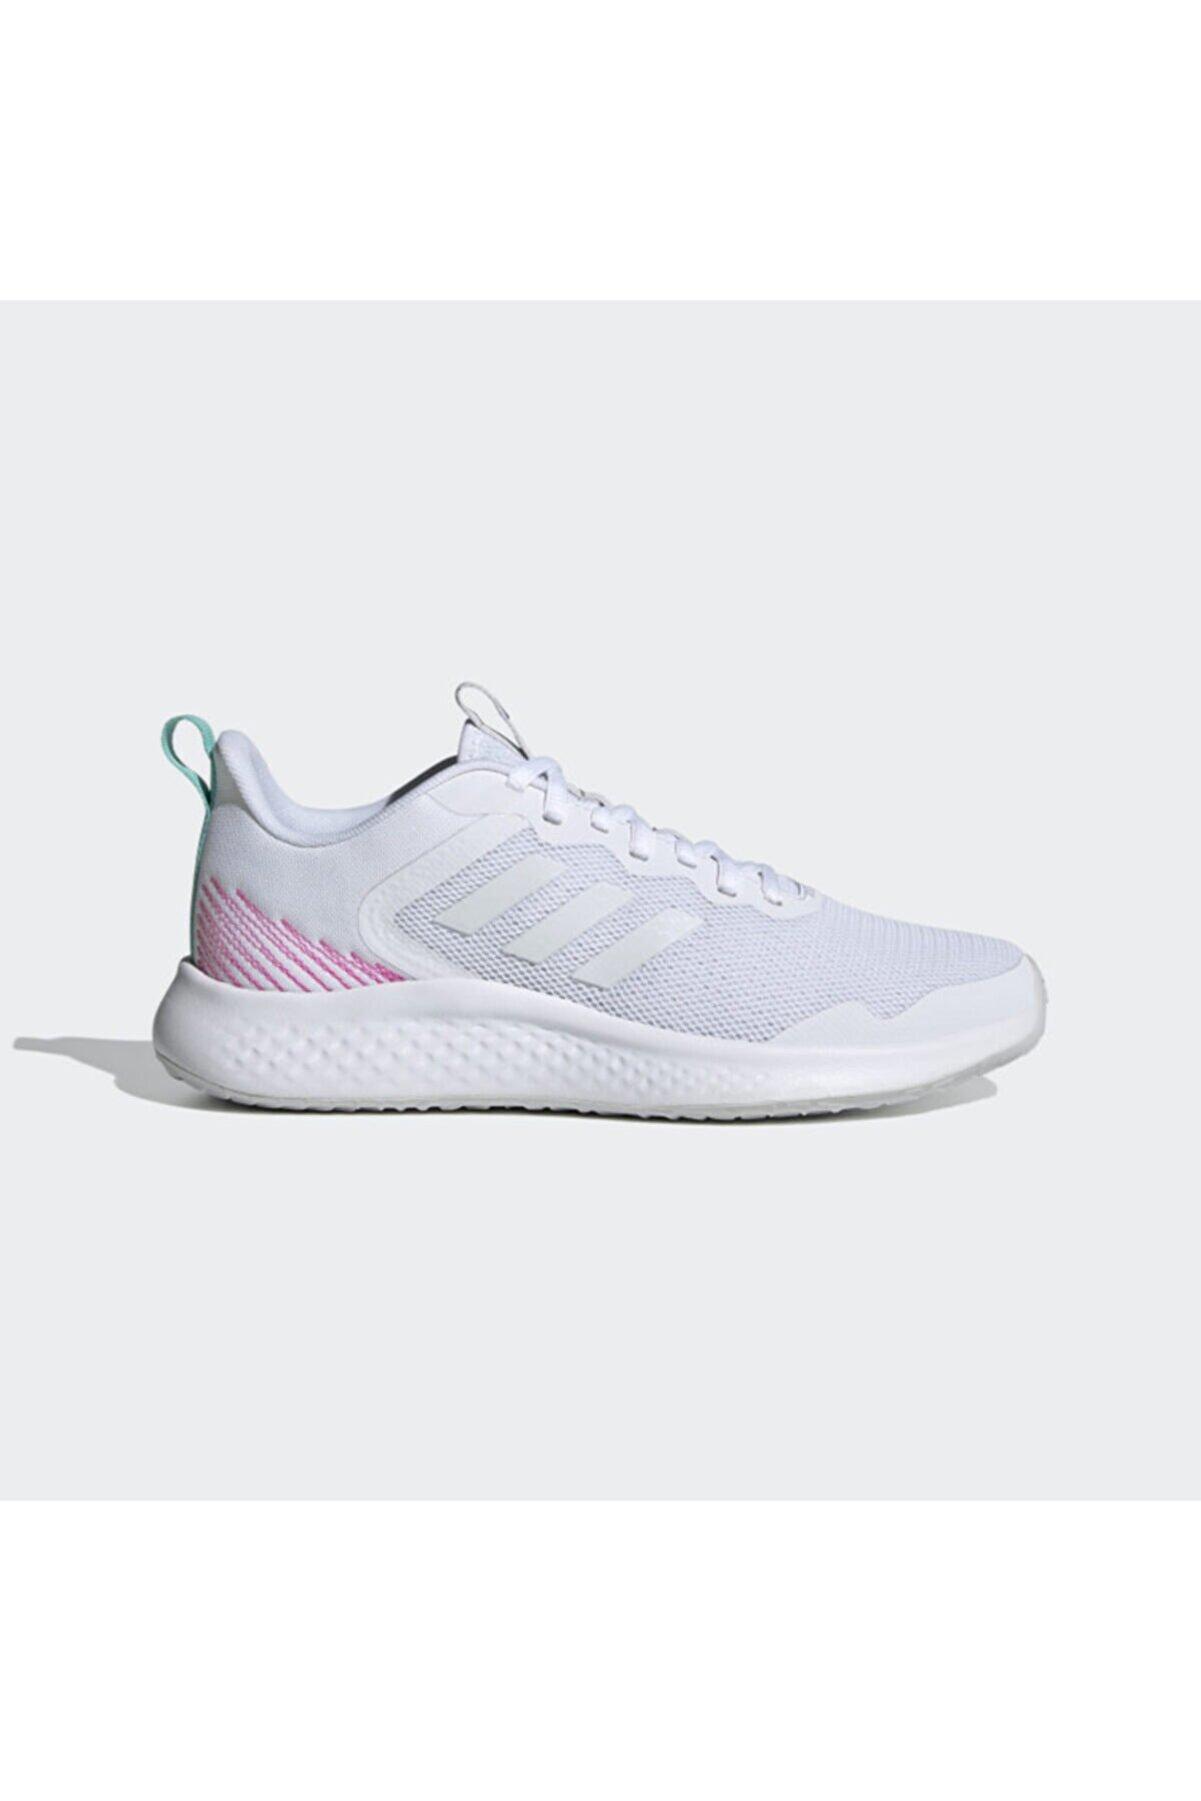 adidas FLUIDSTREET Beyaz Kadın Koşu Ayakkabısı 101079756